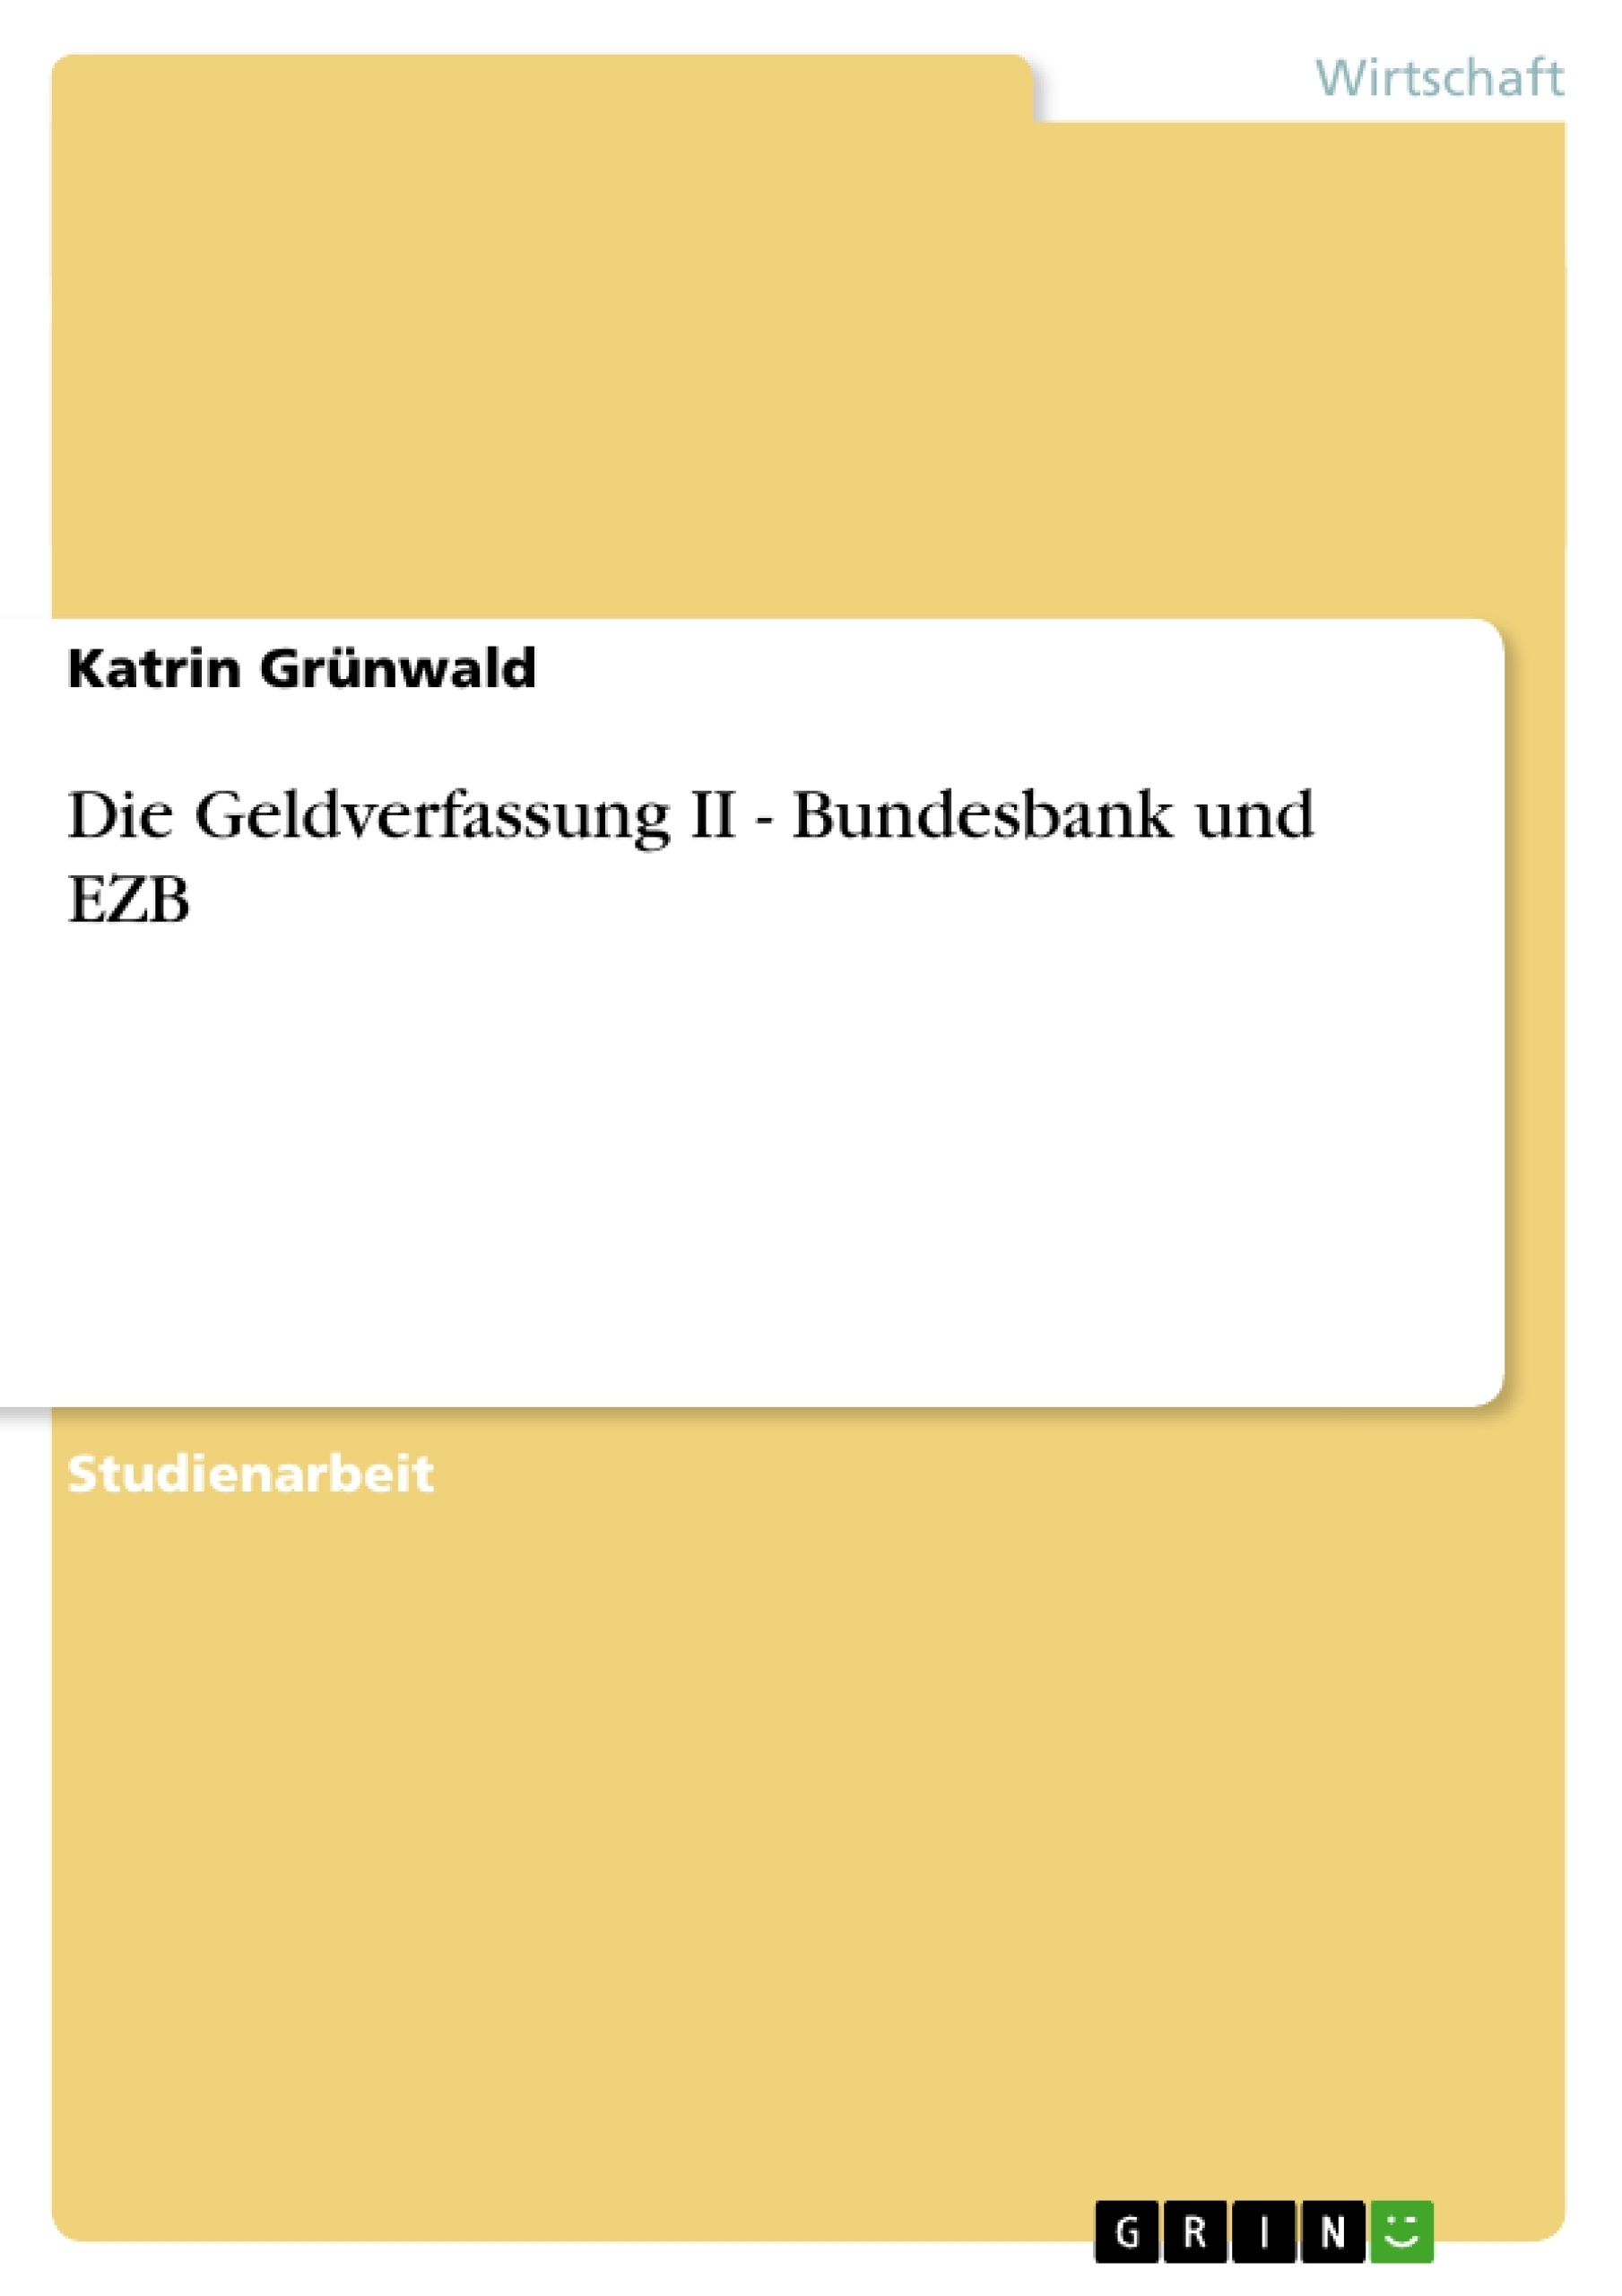 Titel: Die Geldverfassung II - Bundesbank und EZB